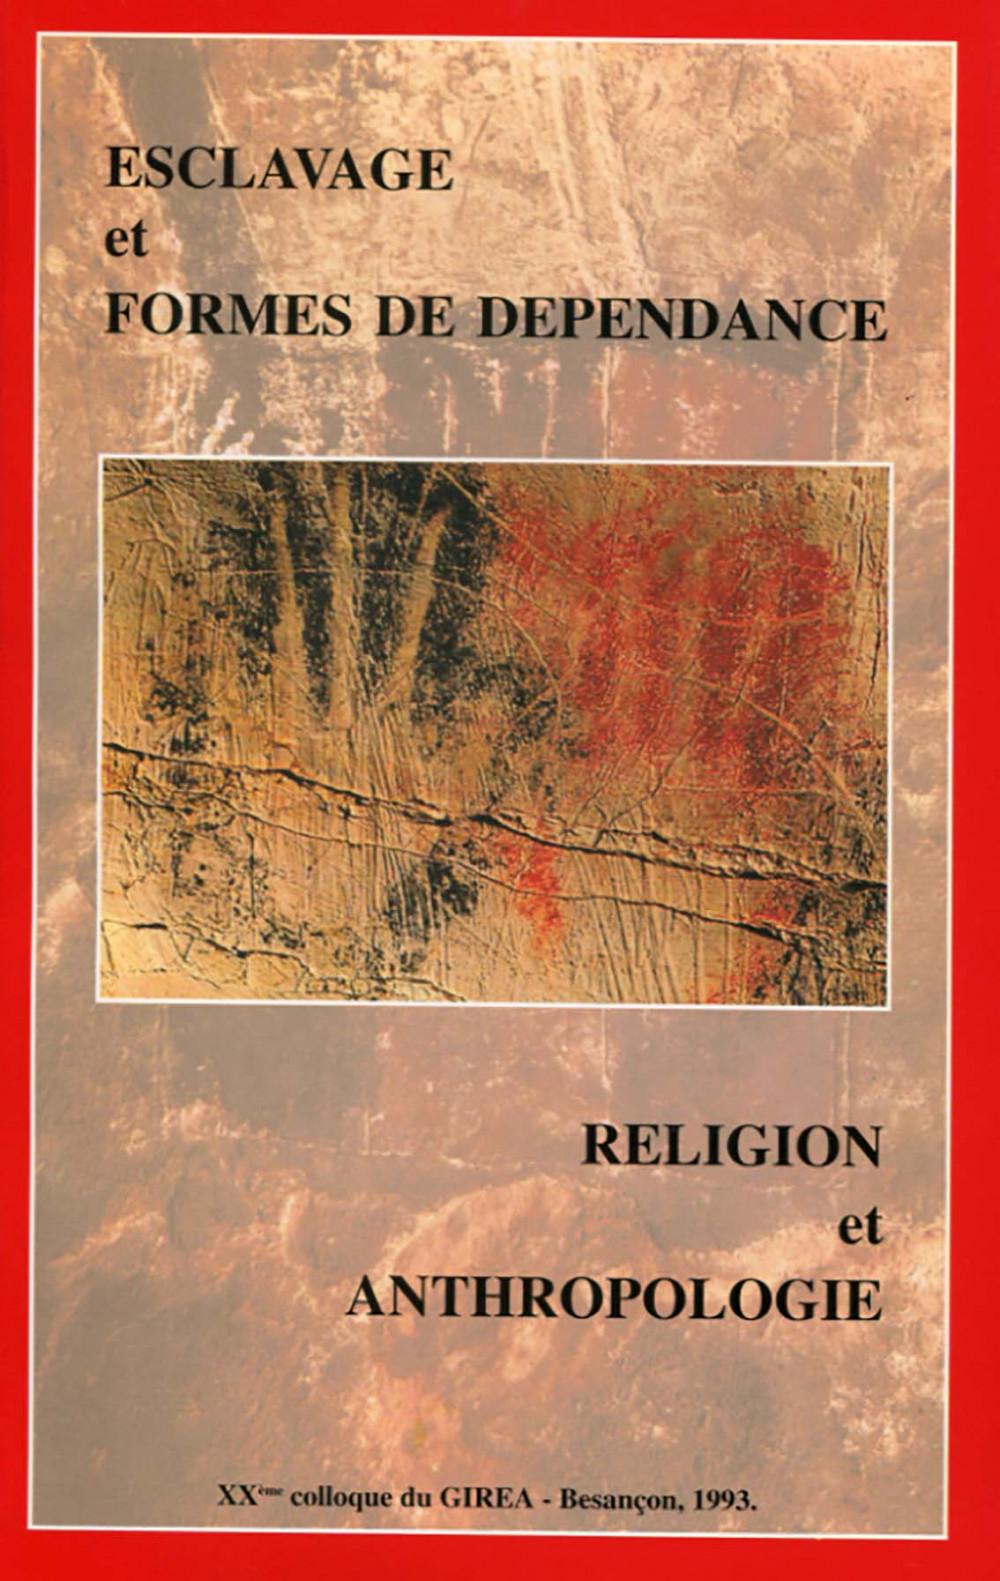 Religion et anthropologie. Esclavage et forme de dépendance